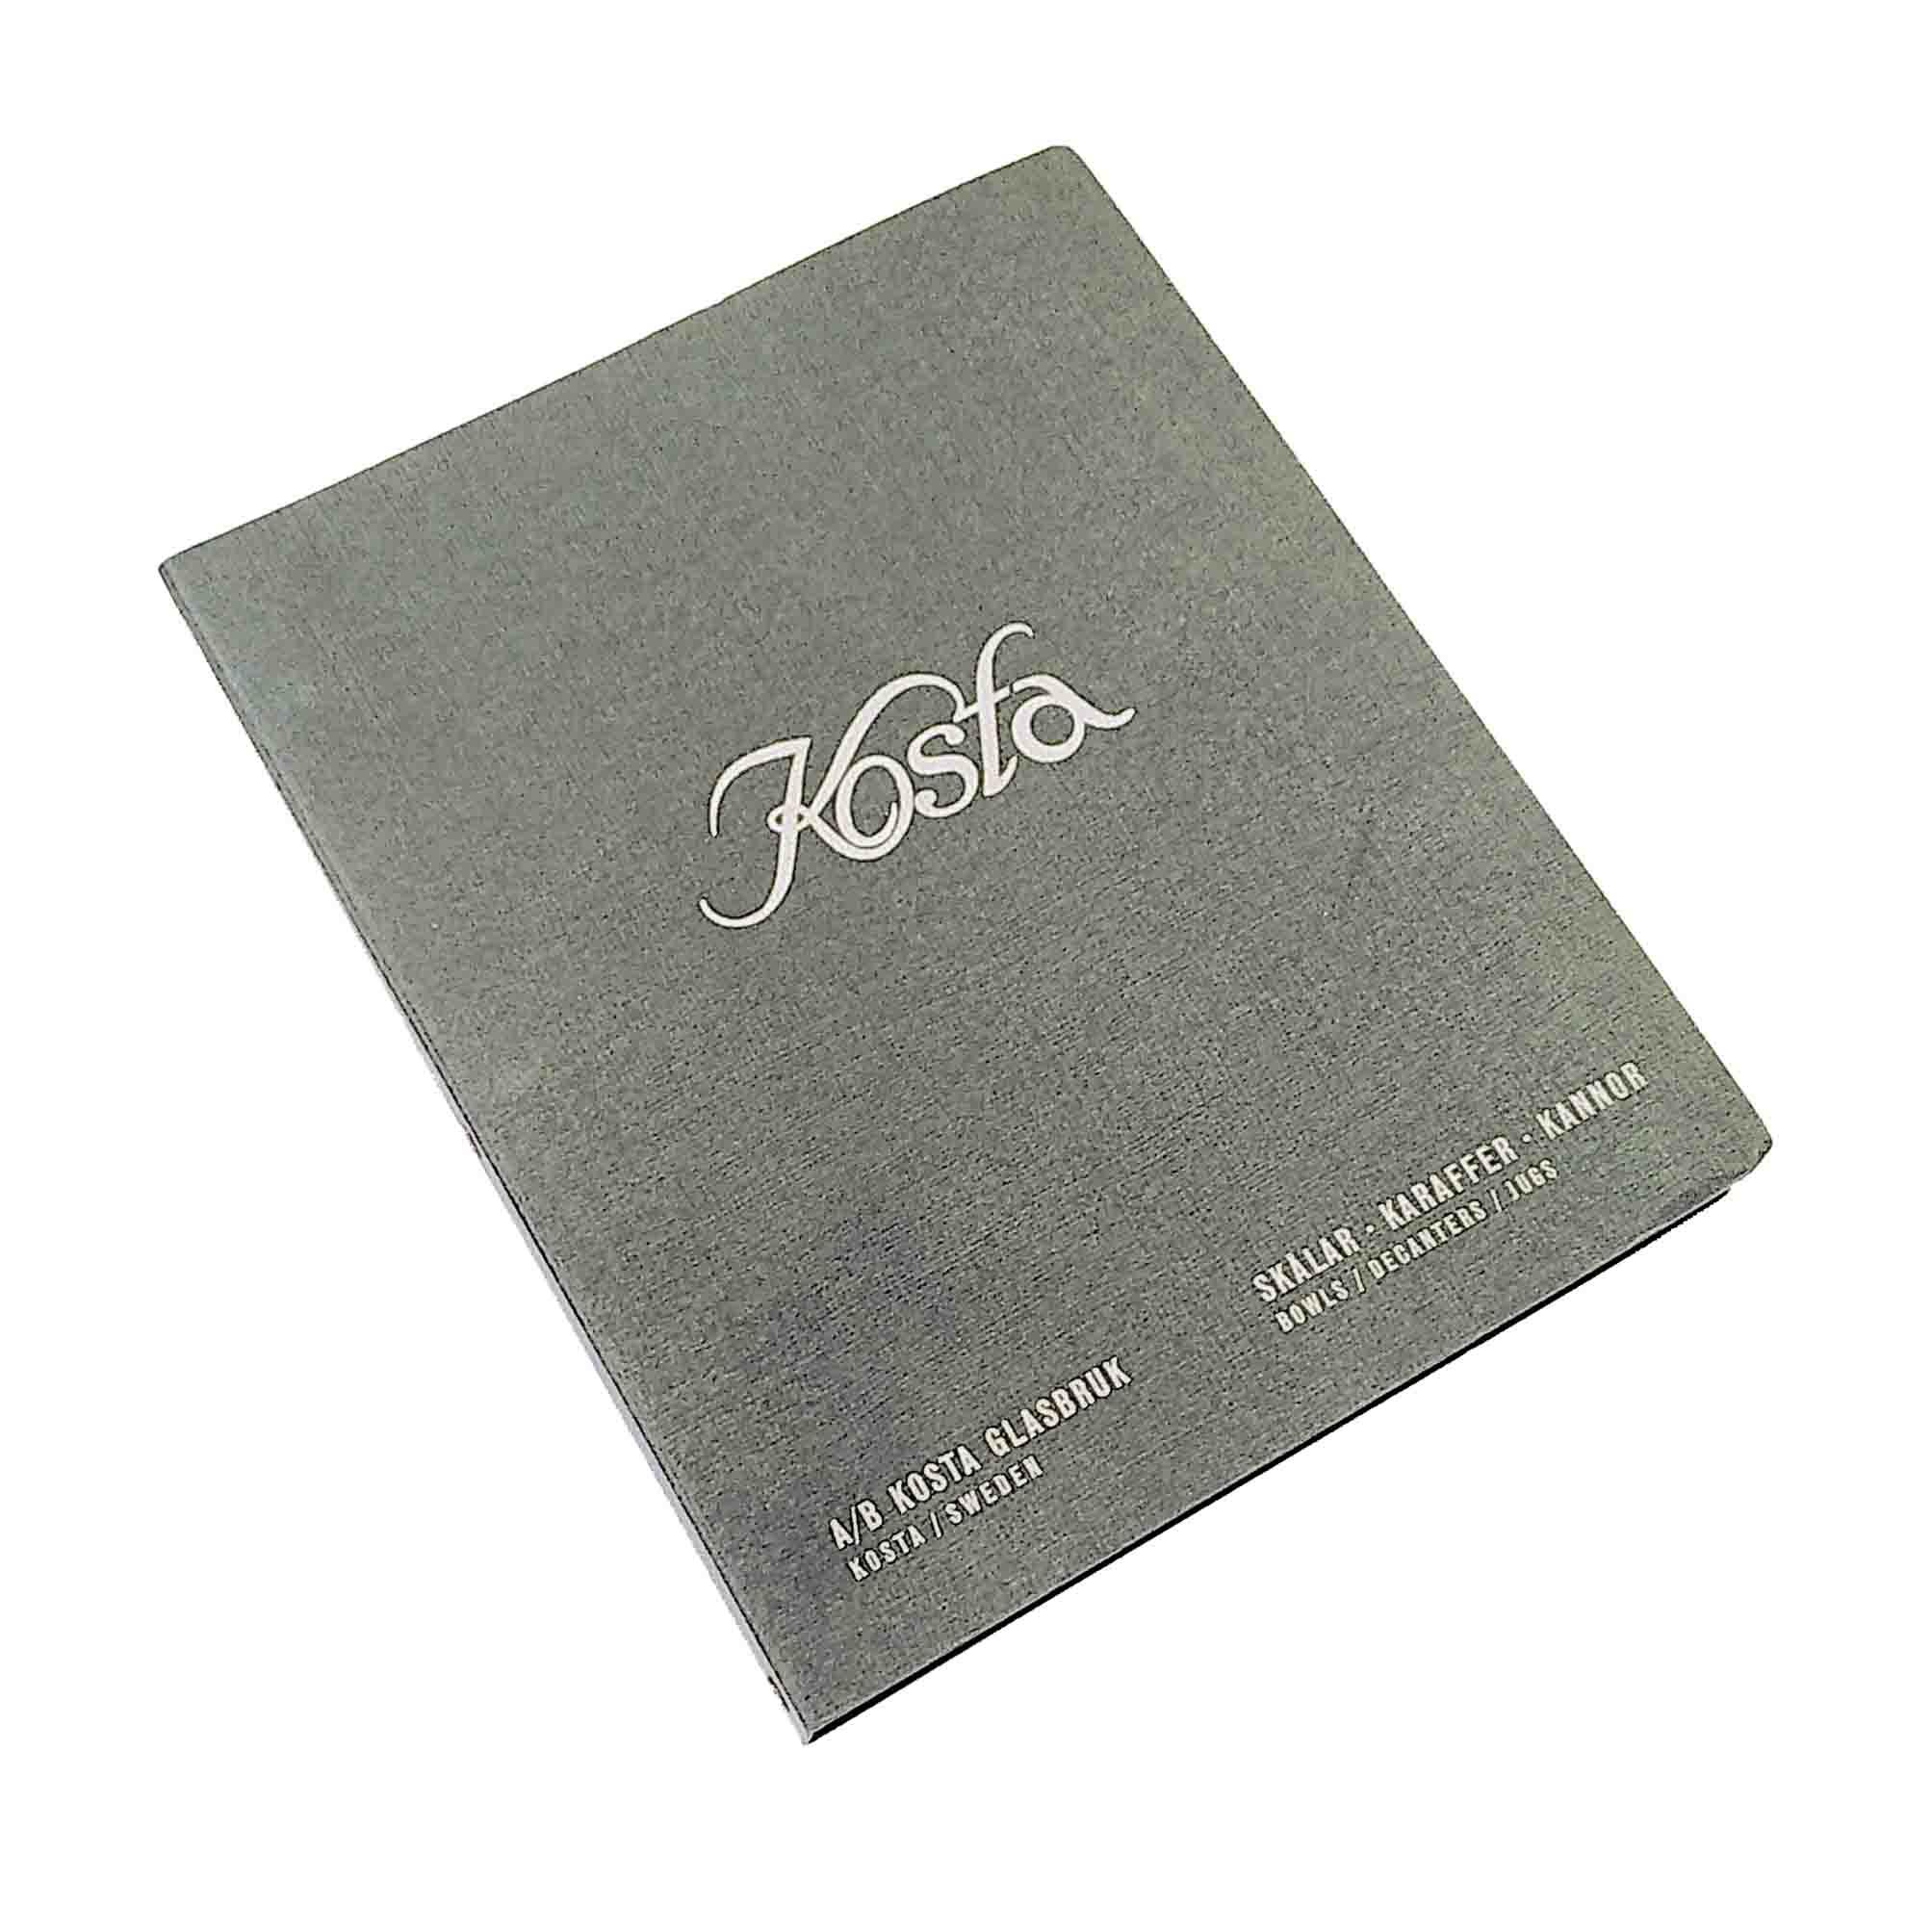 6021 Kosta Glasbruk Katalog 1936 Einband frei N